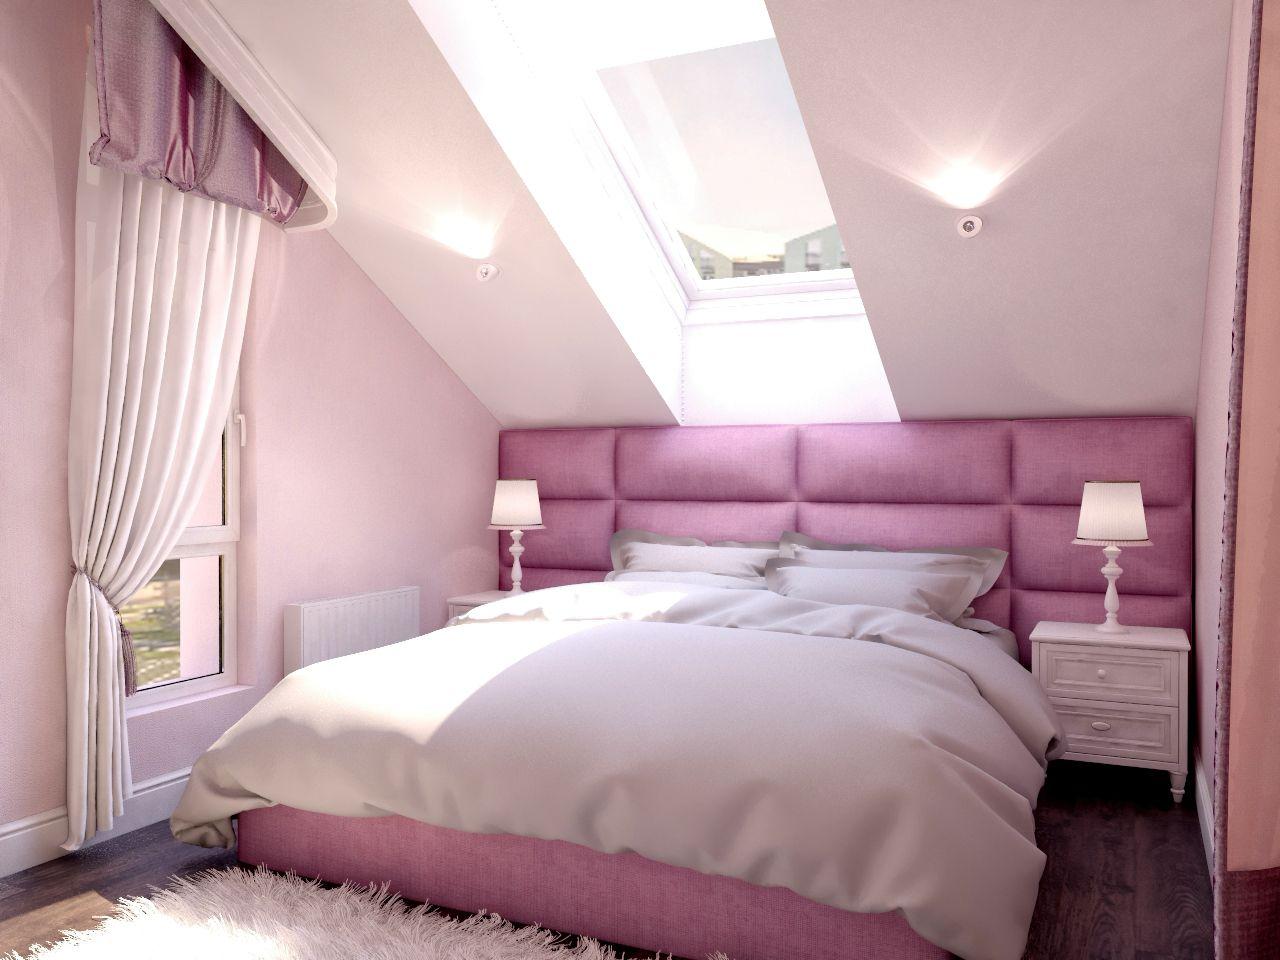 Дизайн спальни реальные фото Киев. мансардное окно легкая класика розовые цвета для девочки